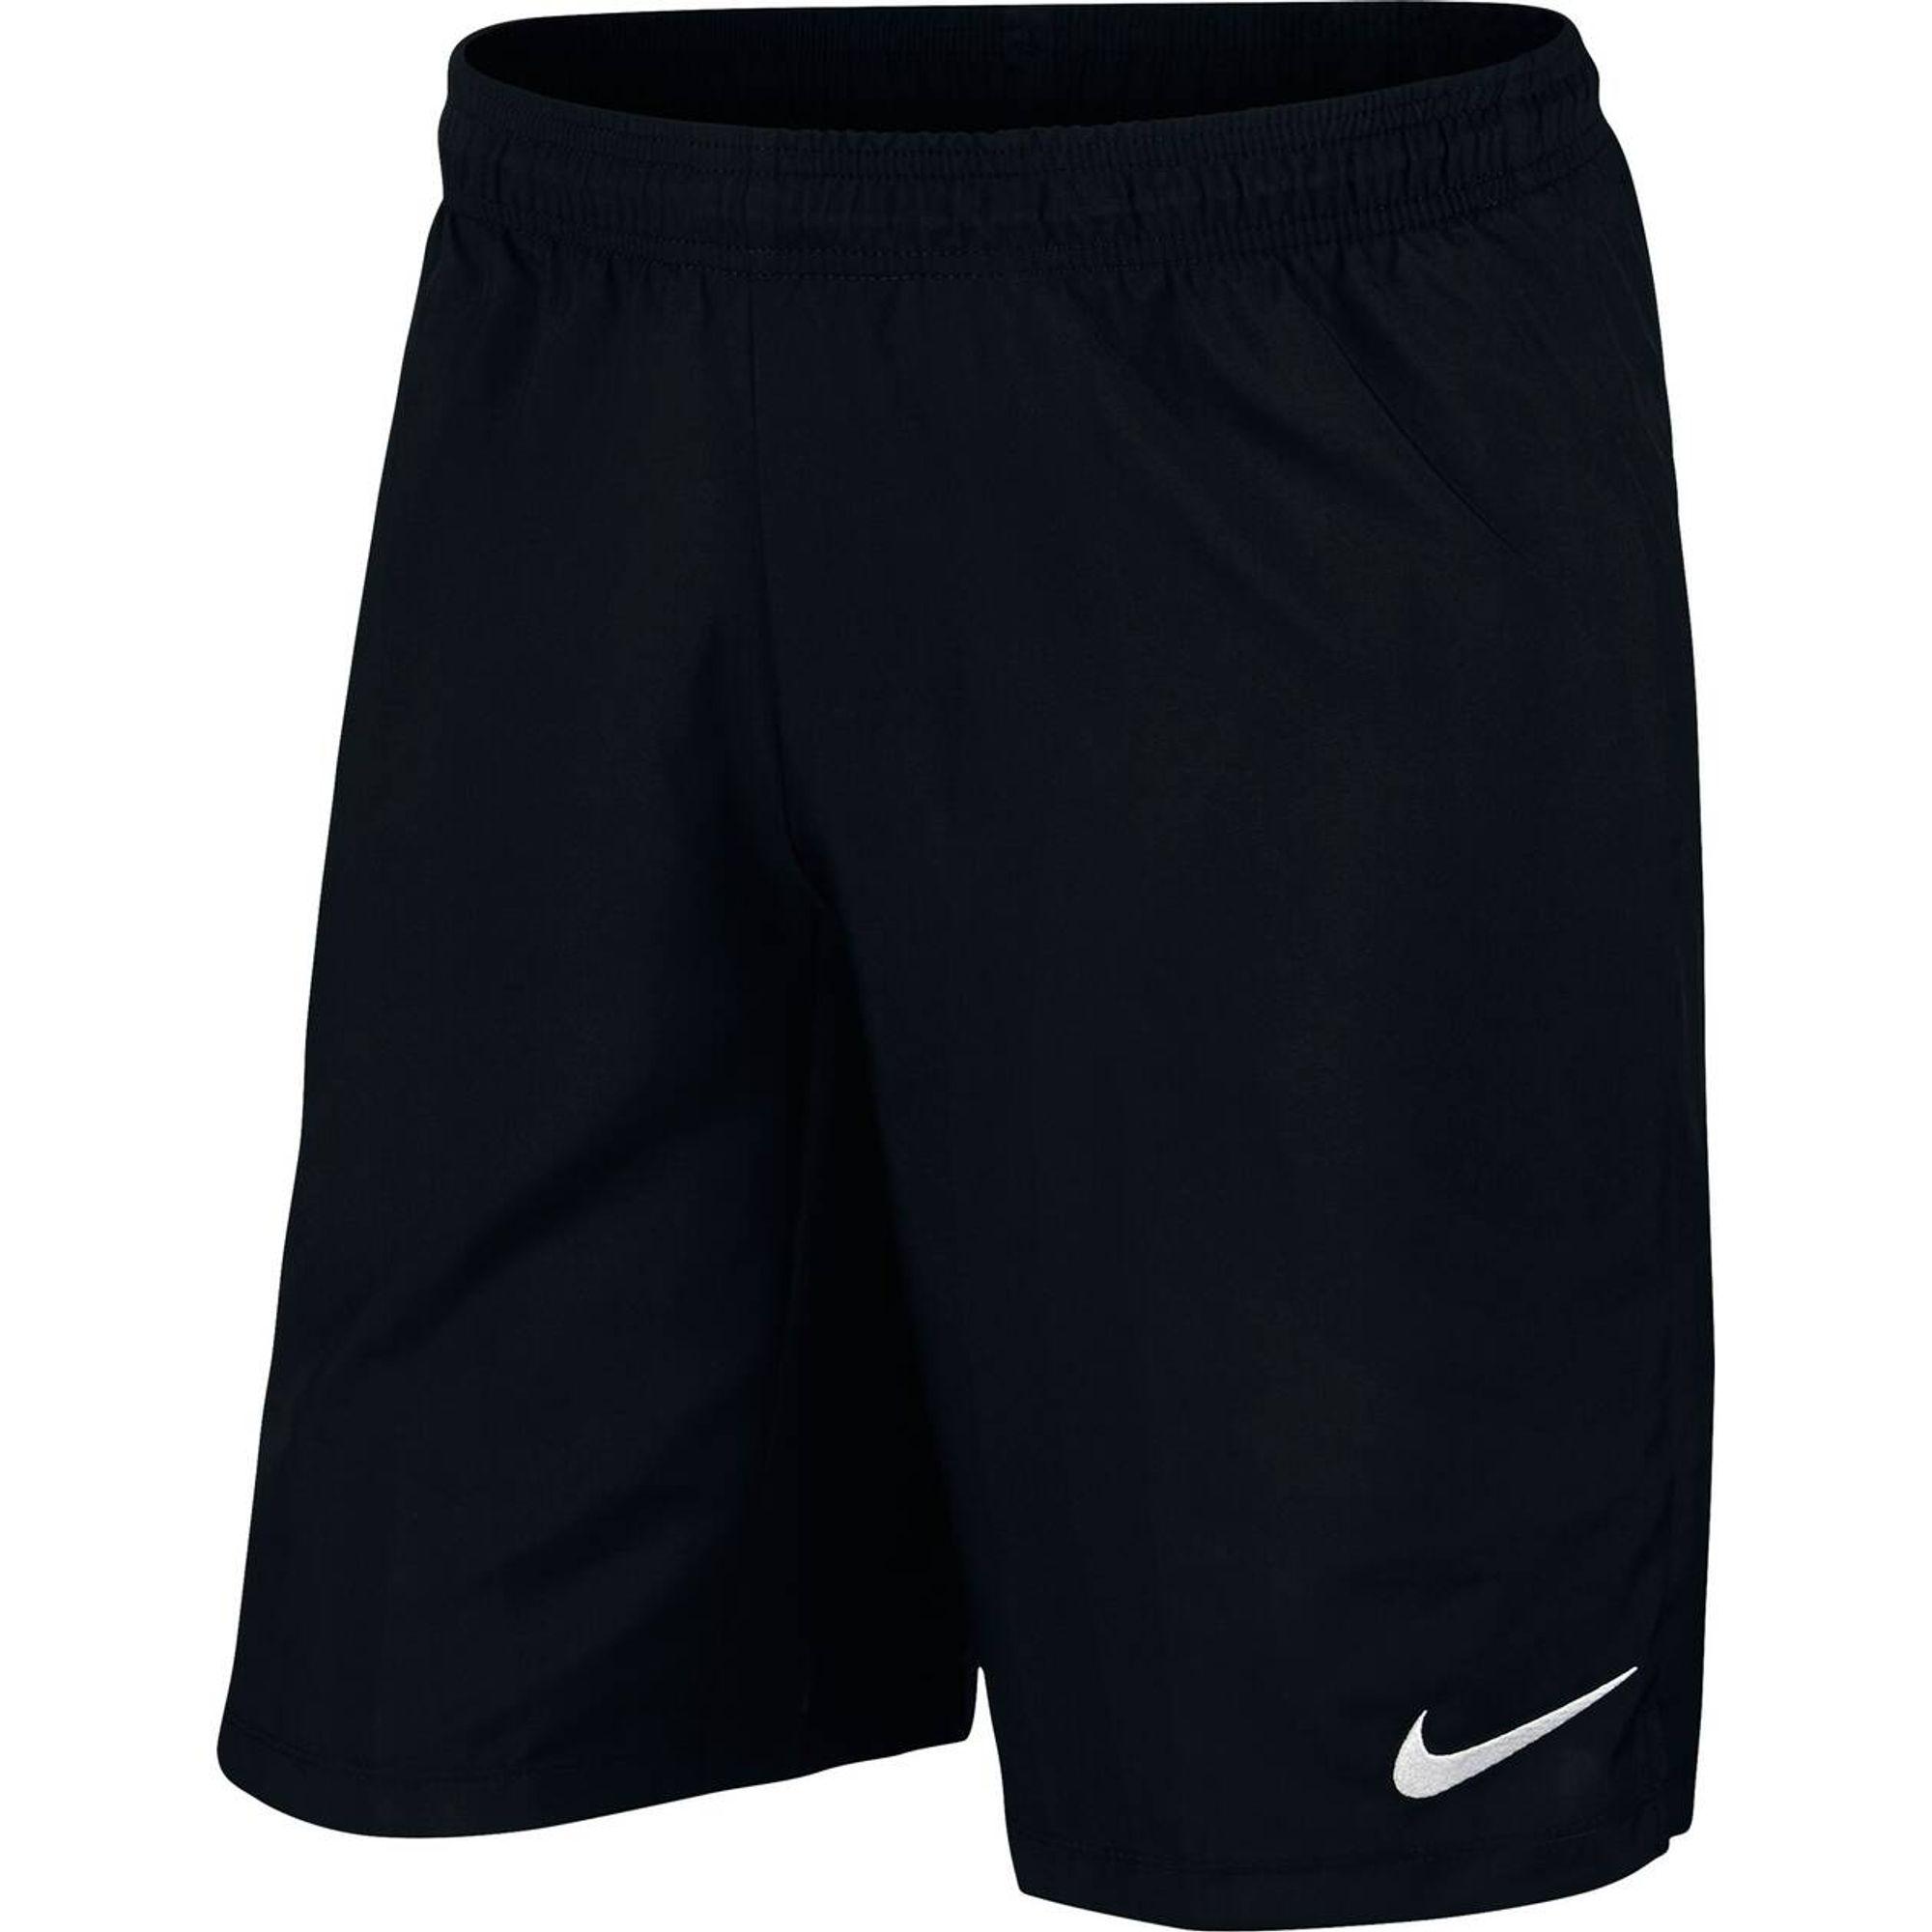 Nike Laser Woven Iii Short Nb - black/white